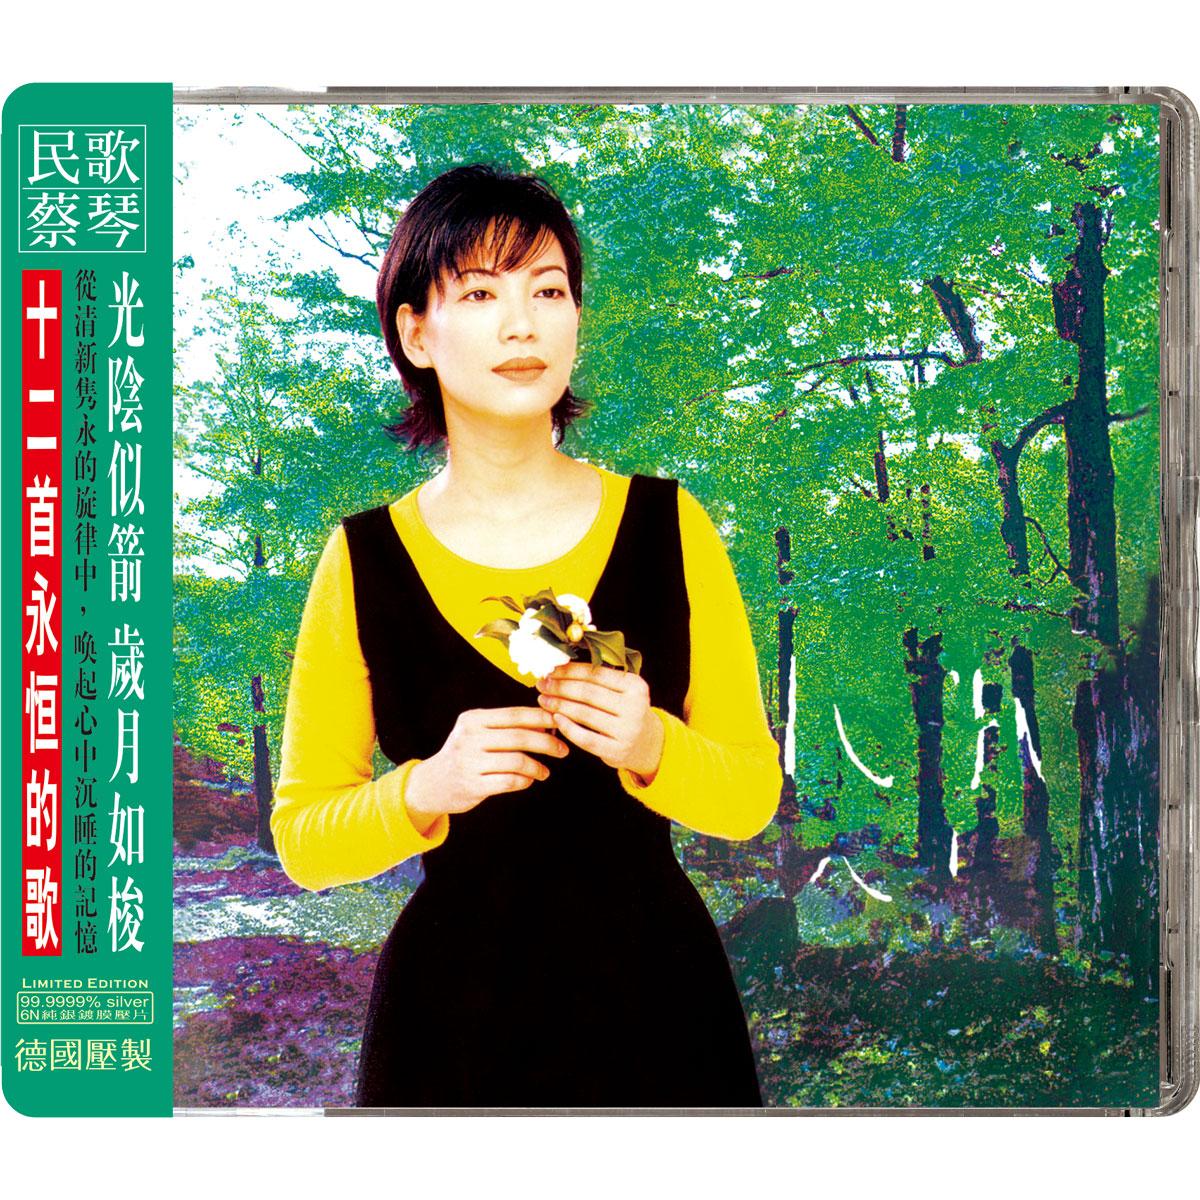 民歌蔡琴 - 中國音樂 - HD-Mastering CD - ABC(國際)唱片